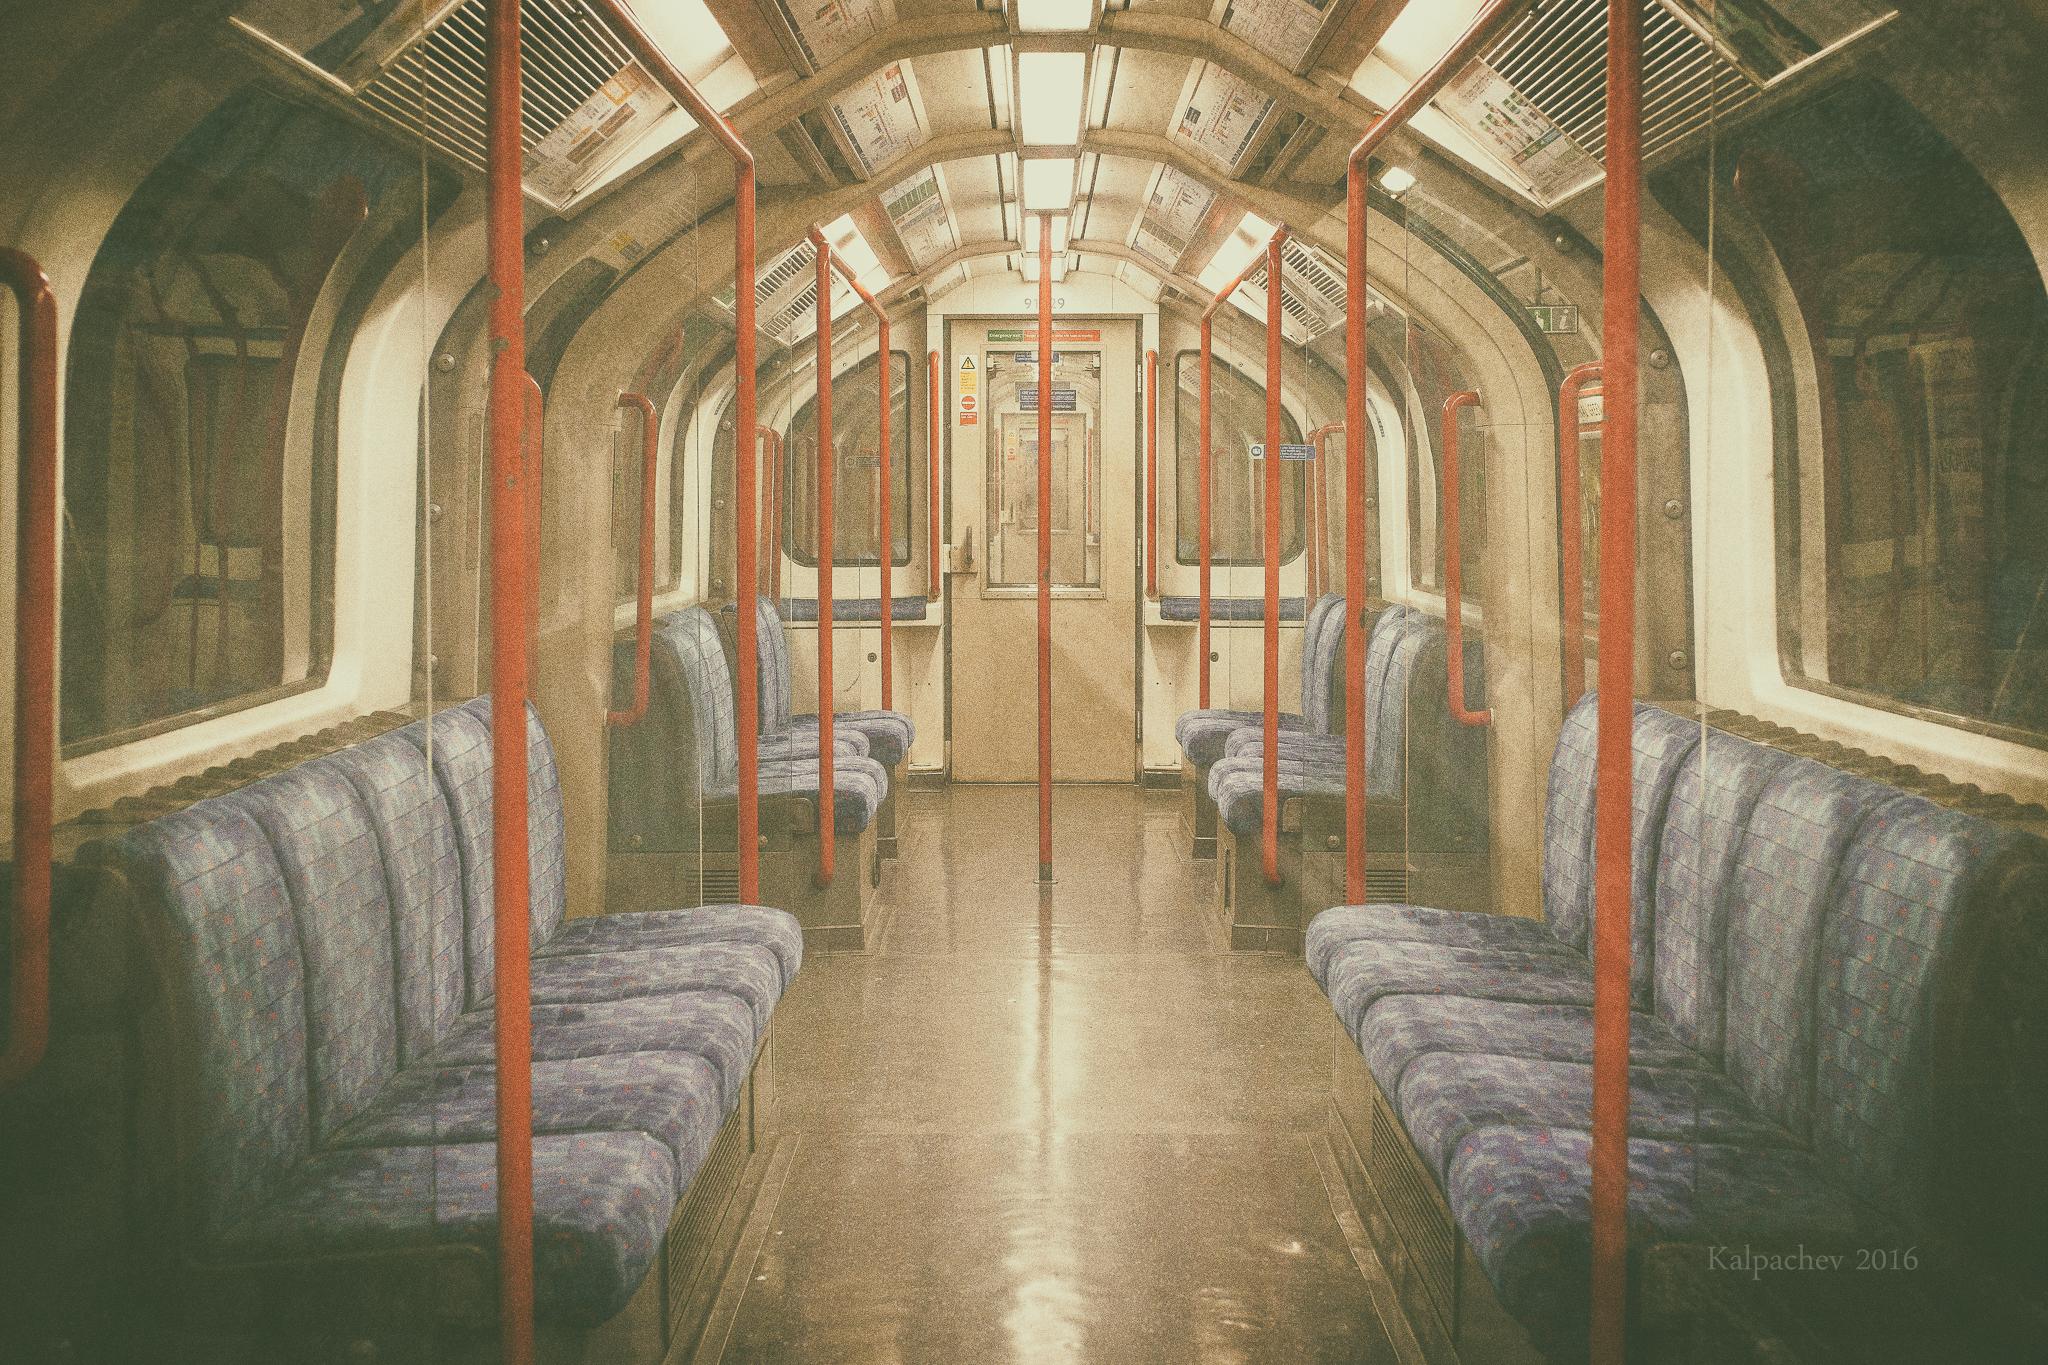 London Underground – Central Line